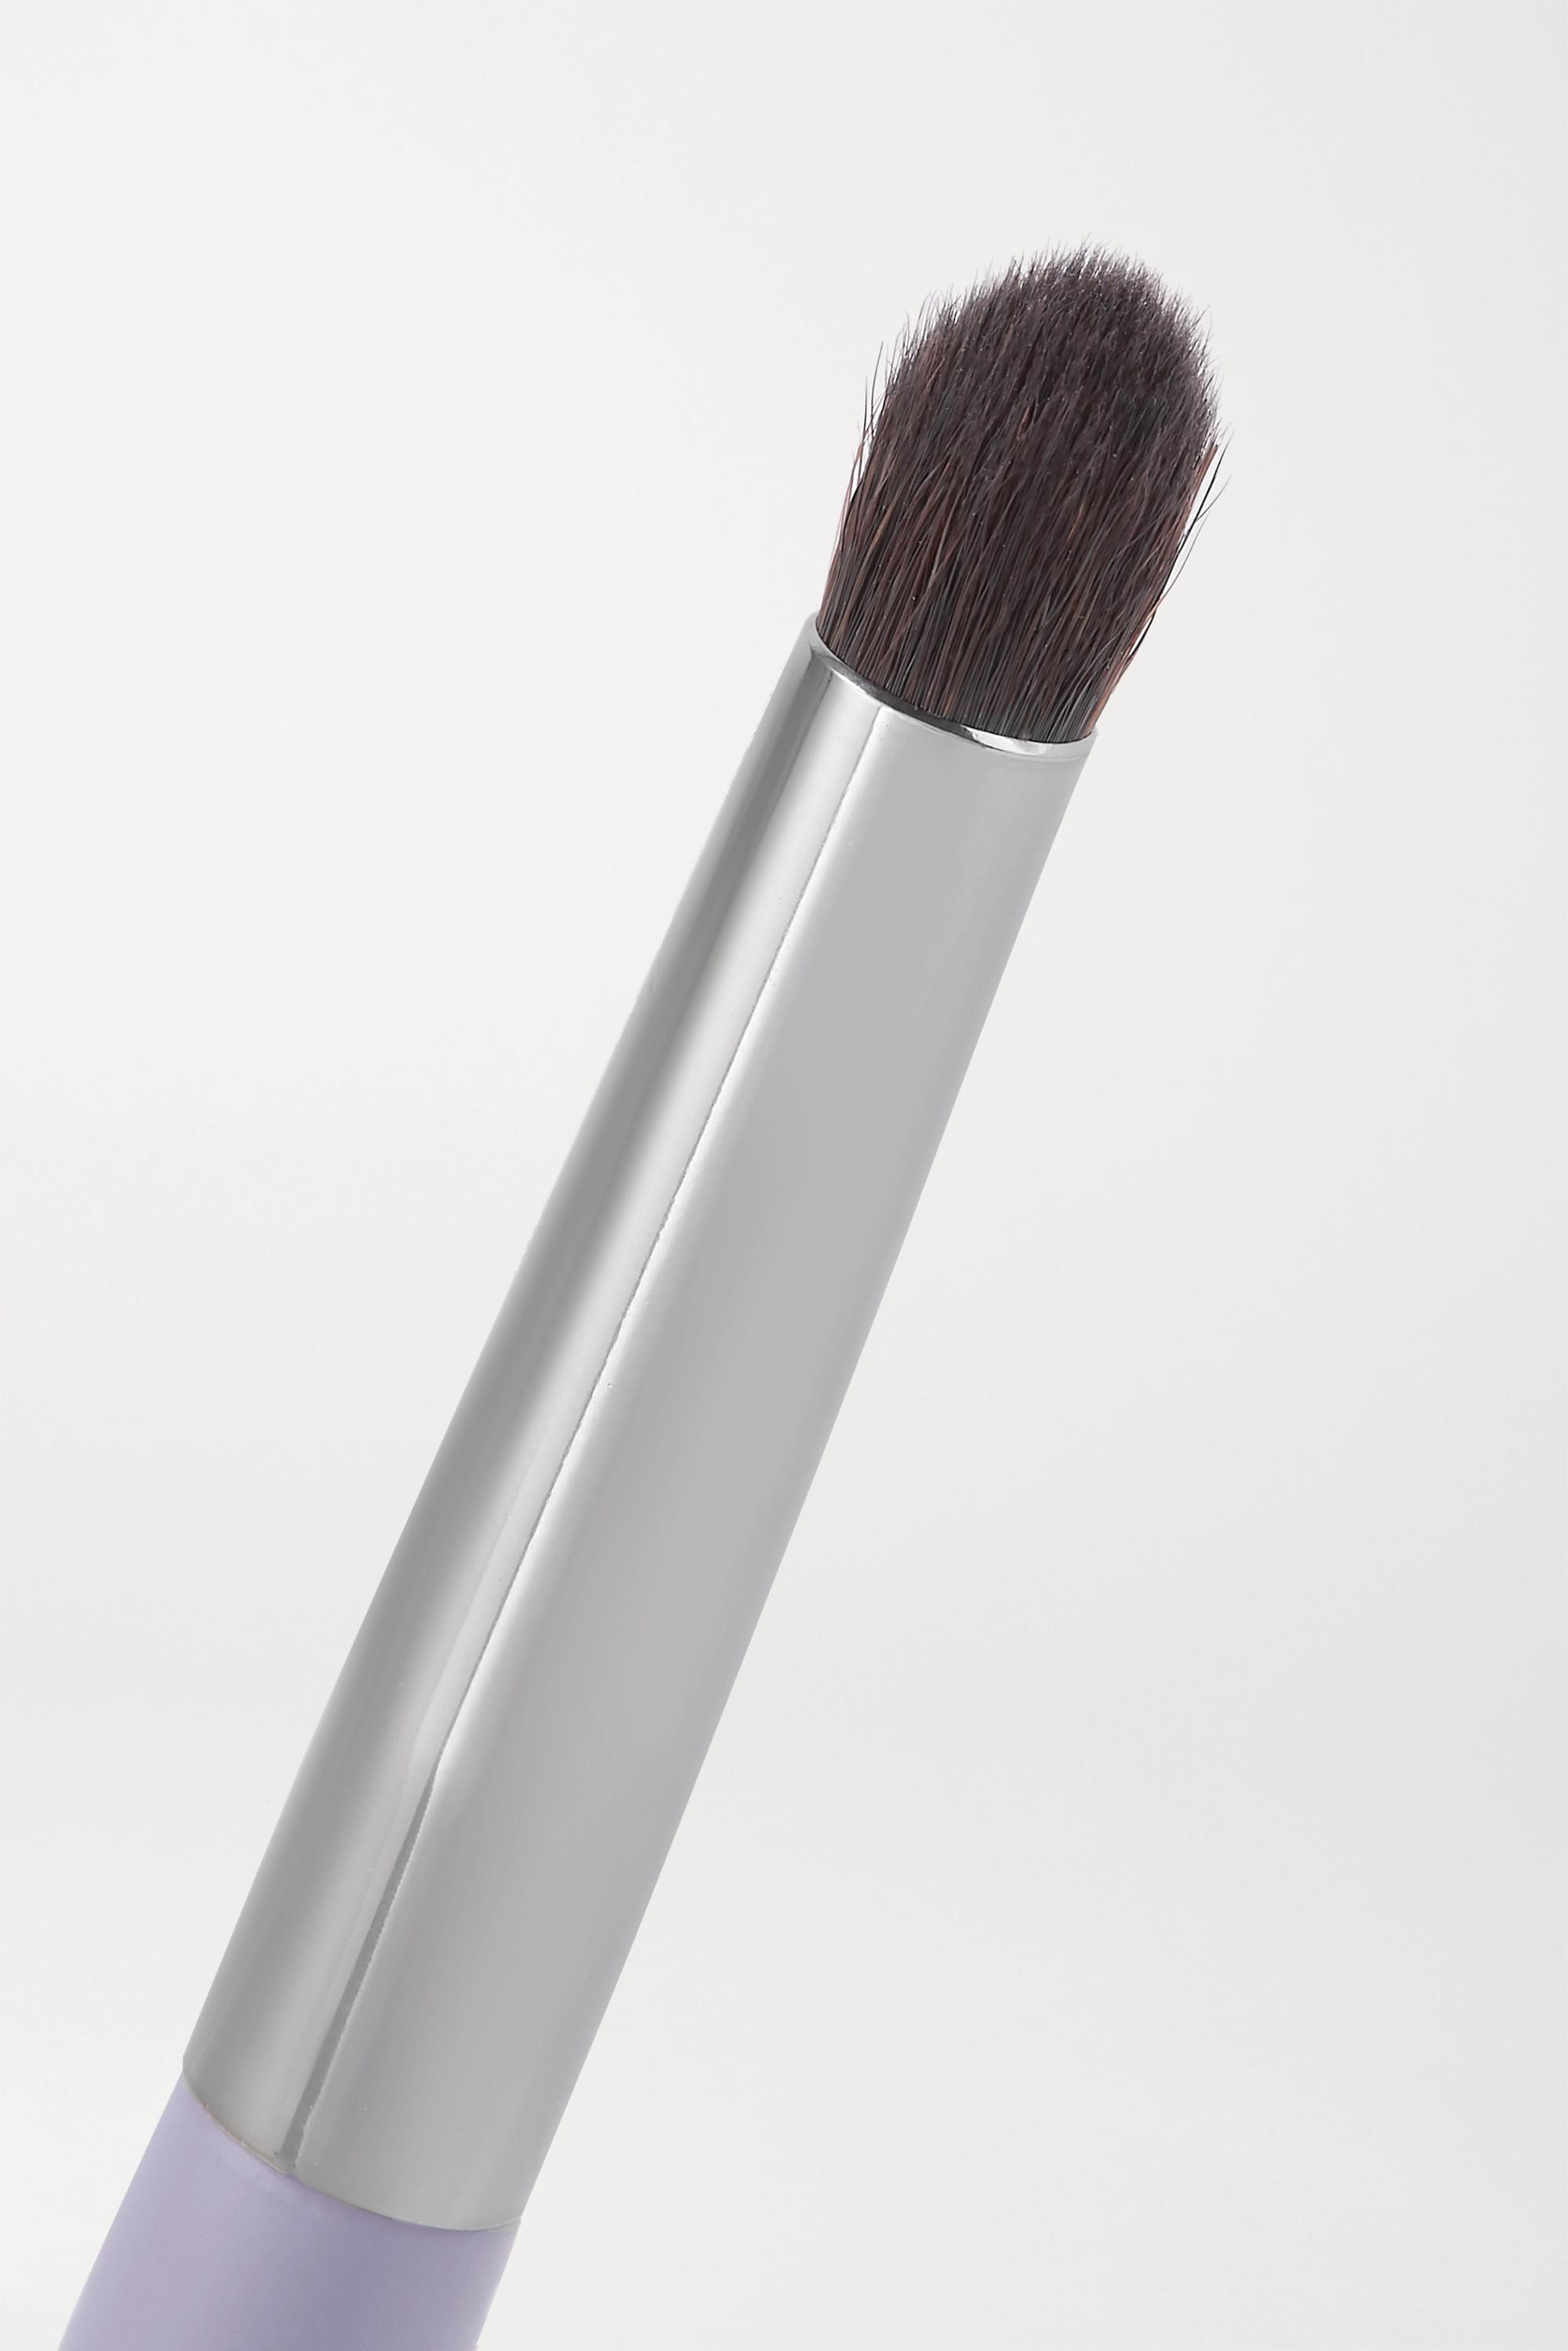 Vapour Beauty 眼窝化妆刷